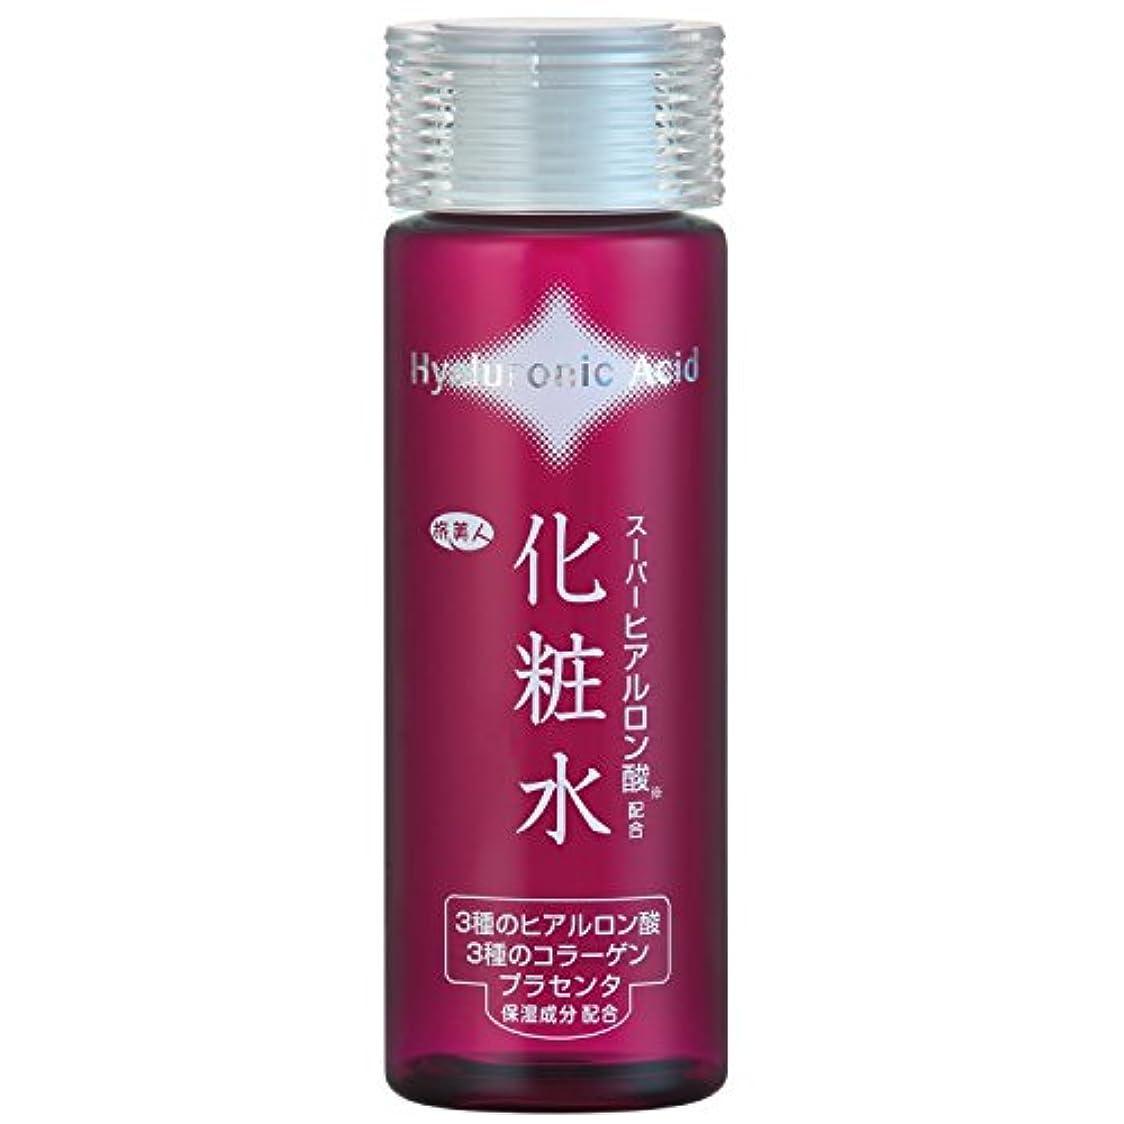 シマウマ力強い不道徳アズマ商事のスーパーヒアルロン酸配合化粧水